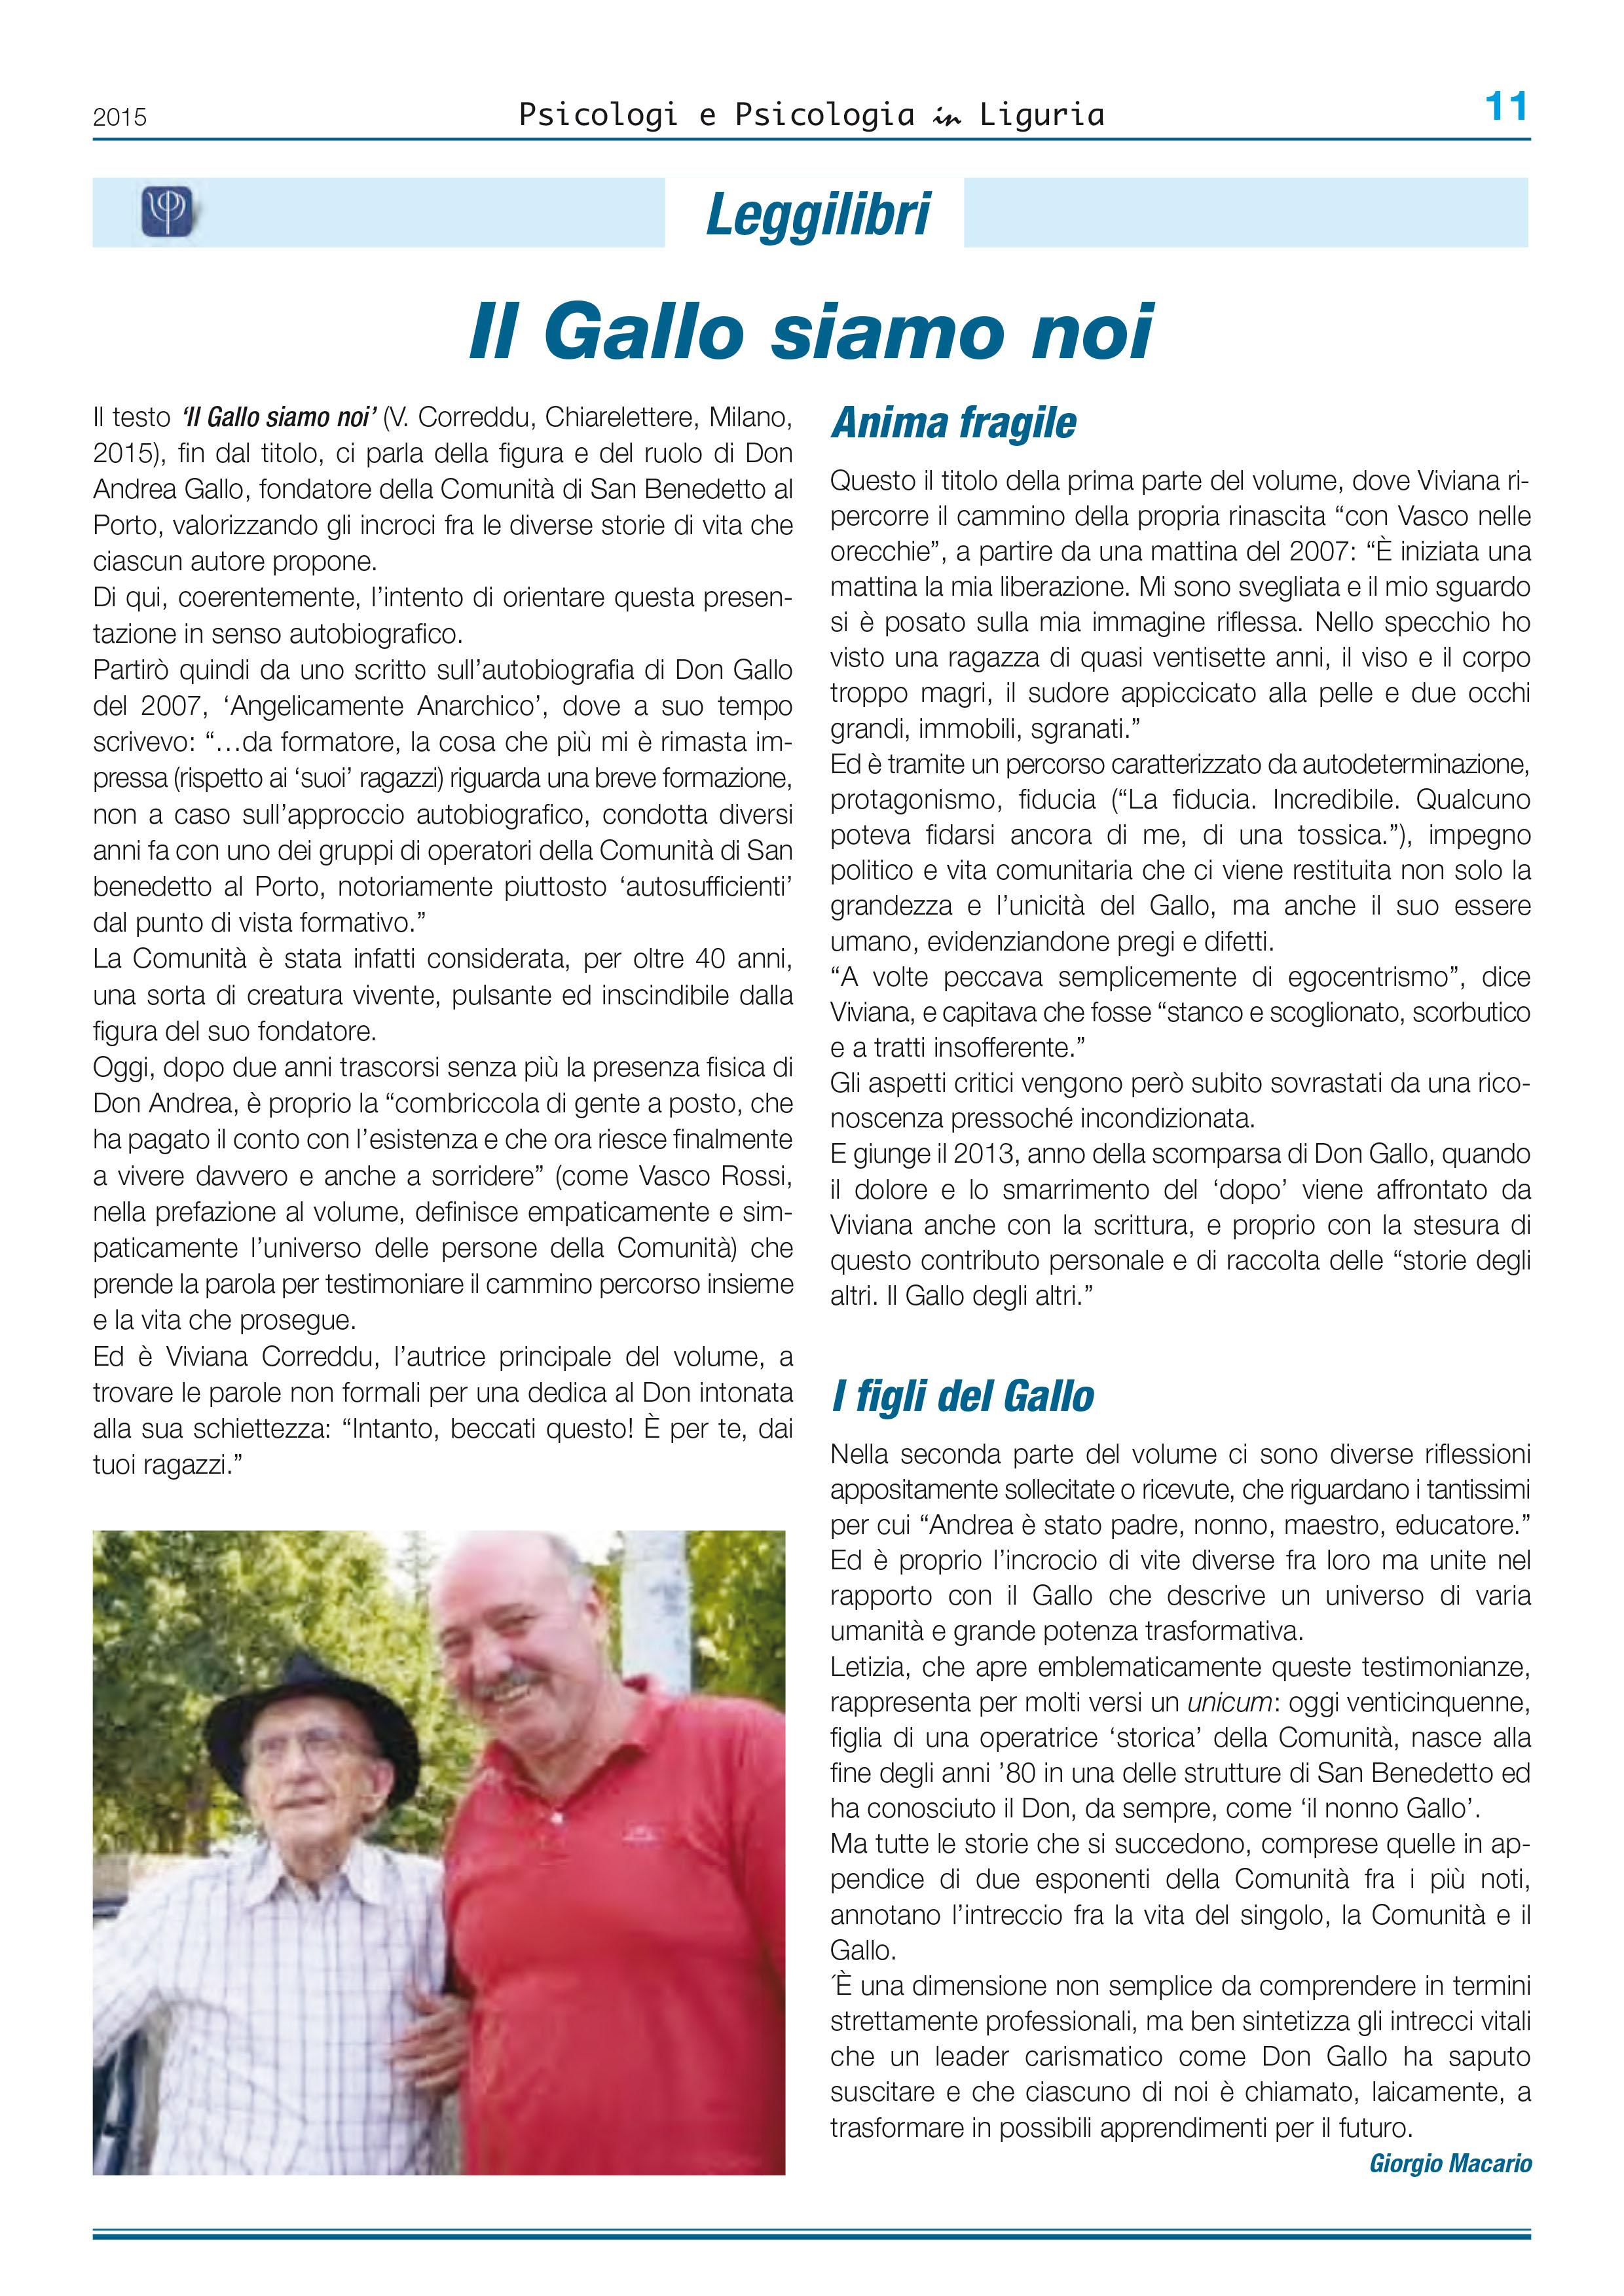 IL GALLO SIAMO NOI – rubrica 'Leggilibri'